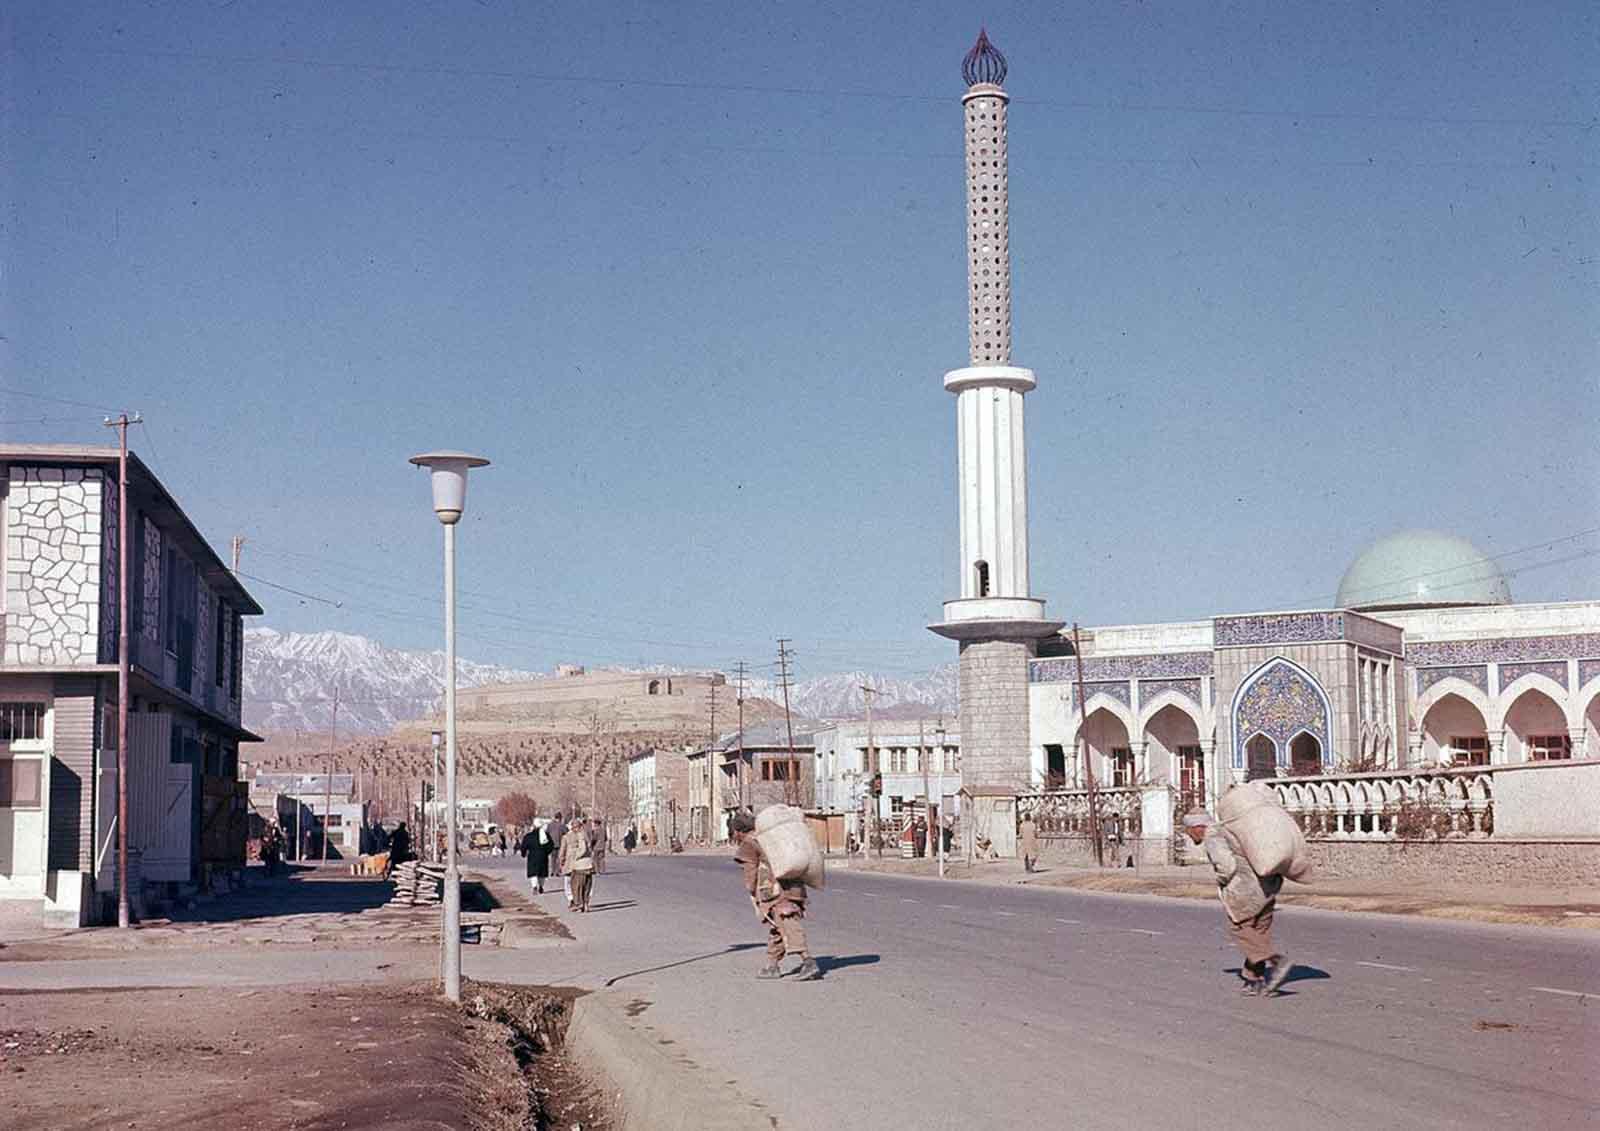 Vista de una de las nuevas mezquitas erigidas en el suburbio de Kabul, en noviembre de 1961.